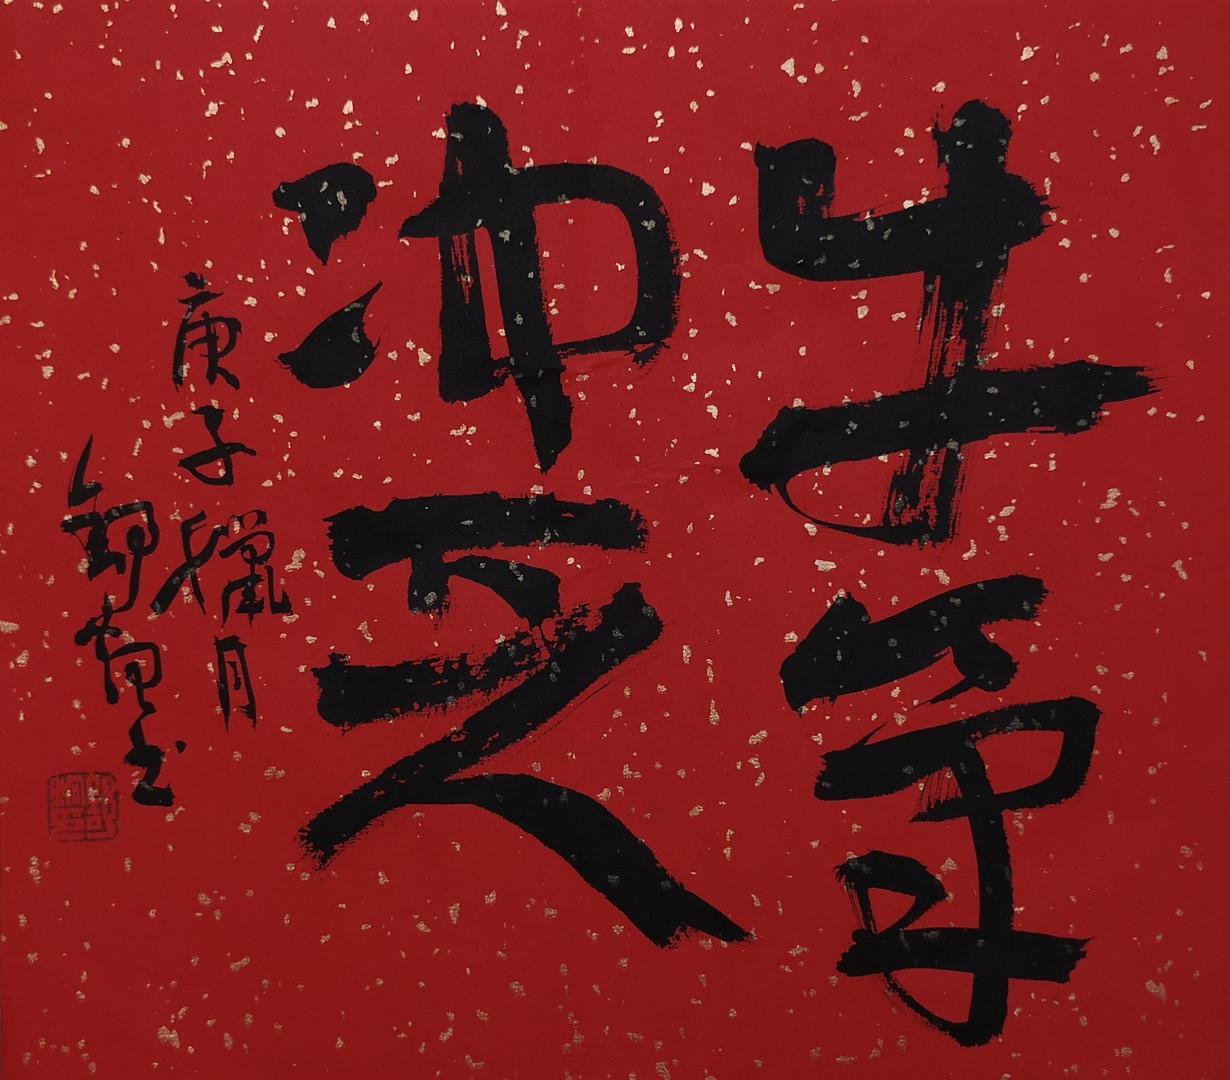 艺评|品舒炯辛丑新春书法:东来紫气见青牛